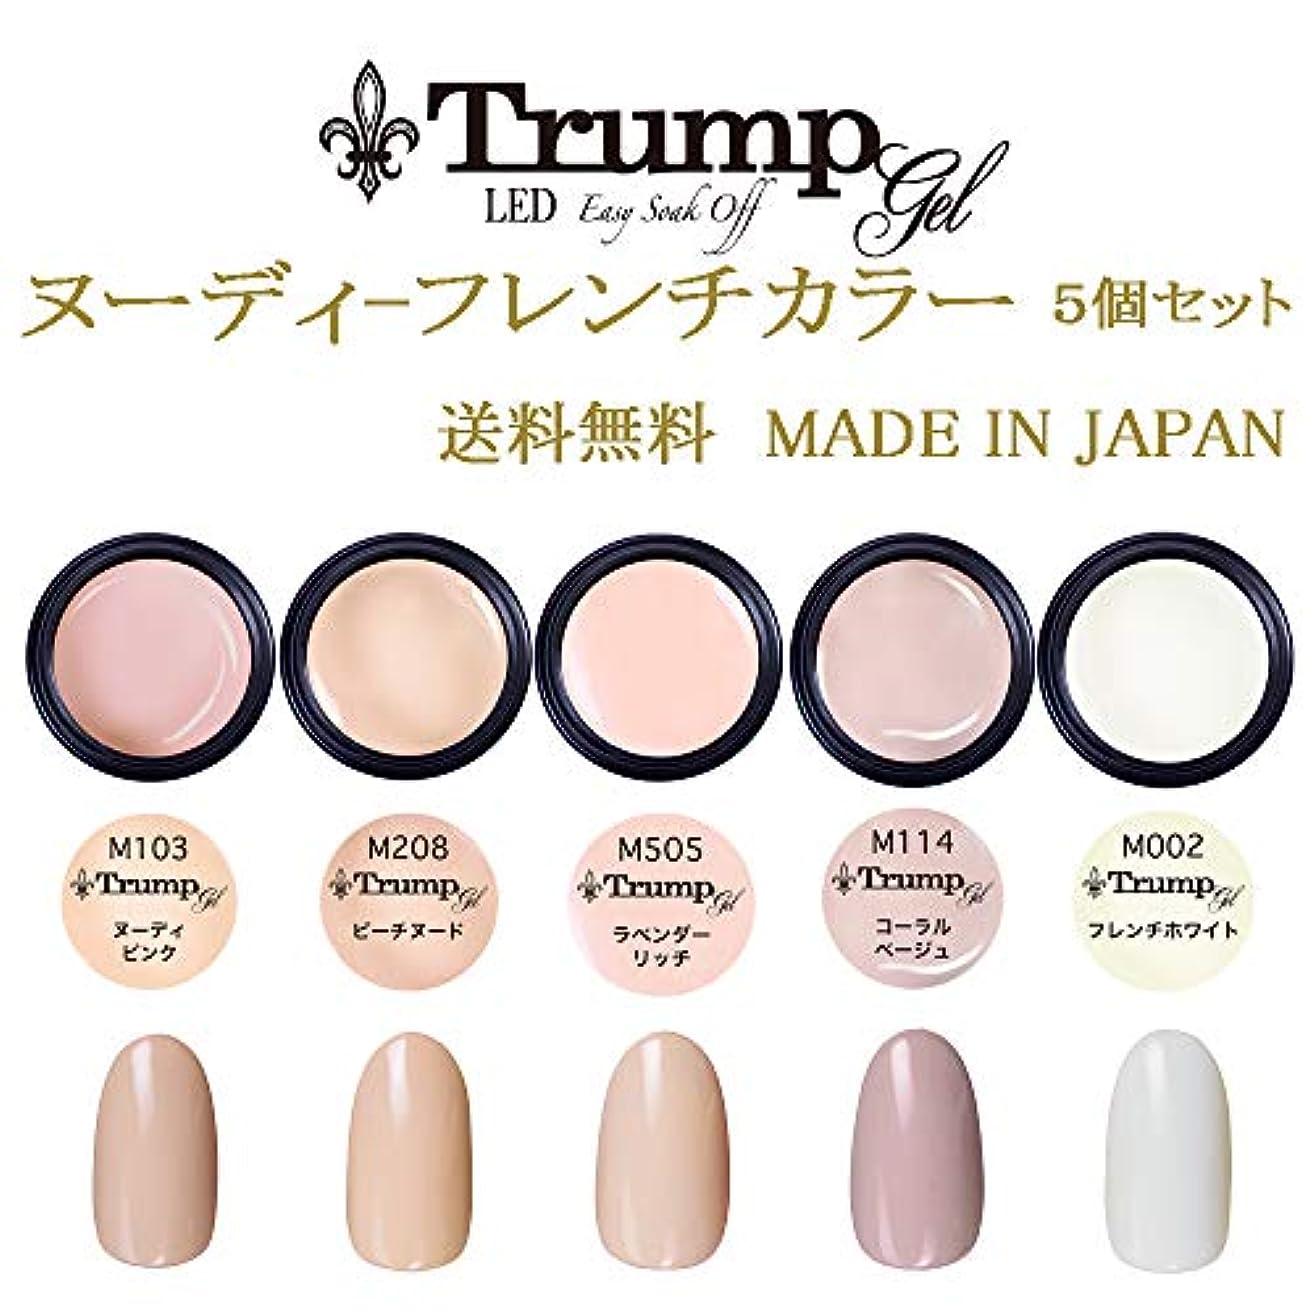 特別な支給抱擁【送料無料】日本製 Trump gel トランプジェルヌーディフレンチカラージェル 5個セット 肌馴染みの良い ヌーデイフレンチカラージェルセット